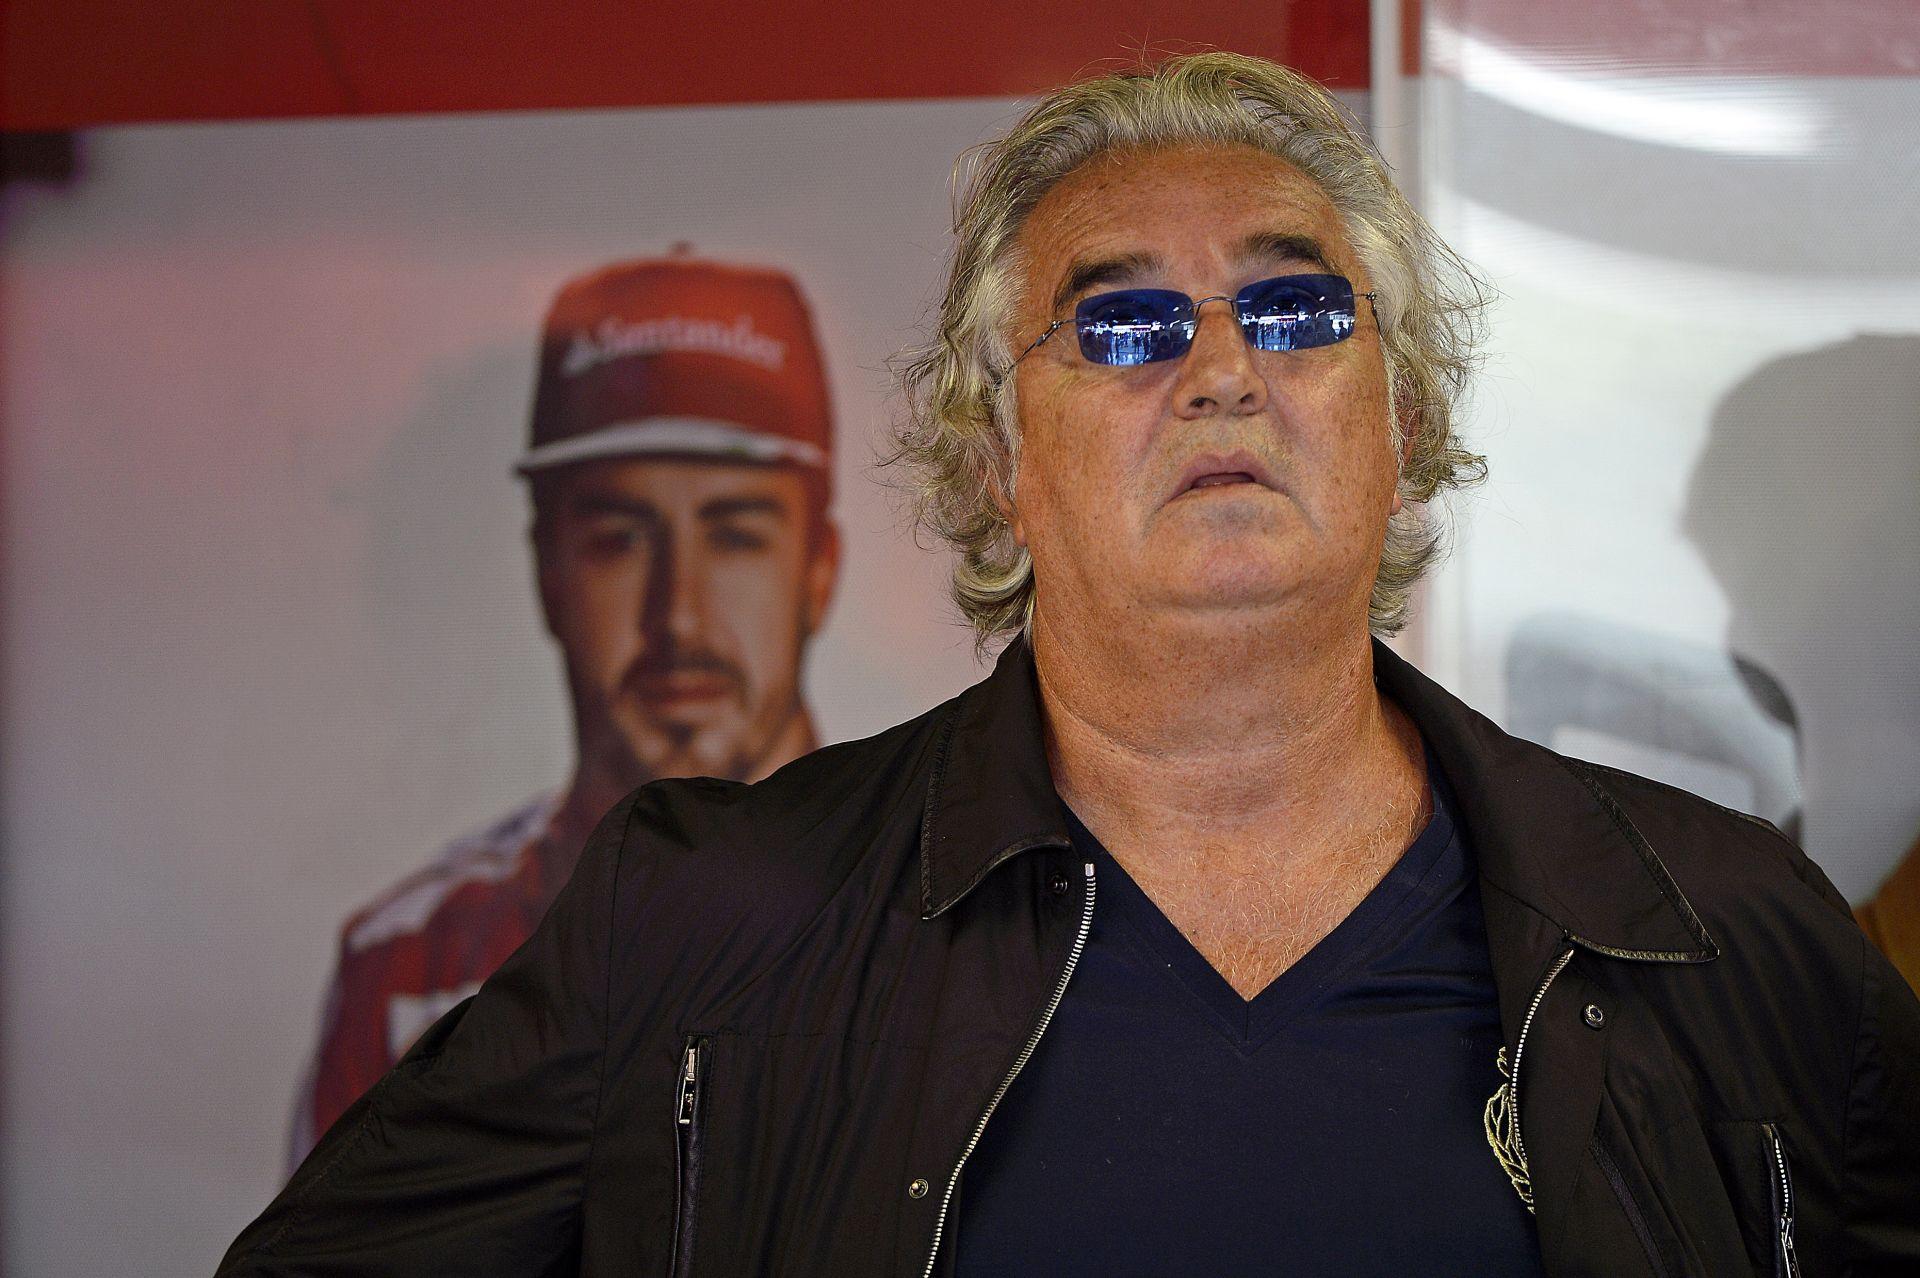 Briatore: Lehangoló és katasztrofális az új Forma-1! Vége lehet a királykategóriának! A Ferrari meg nagyon gyenge